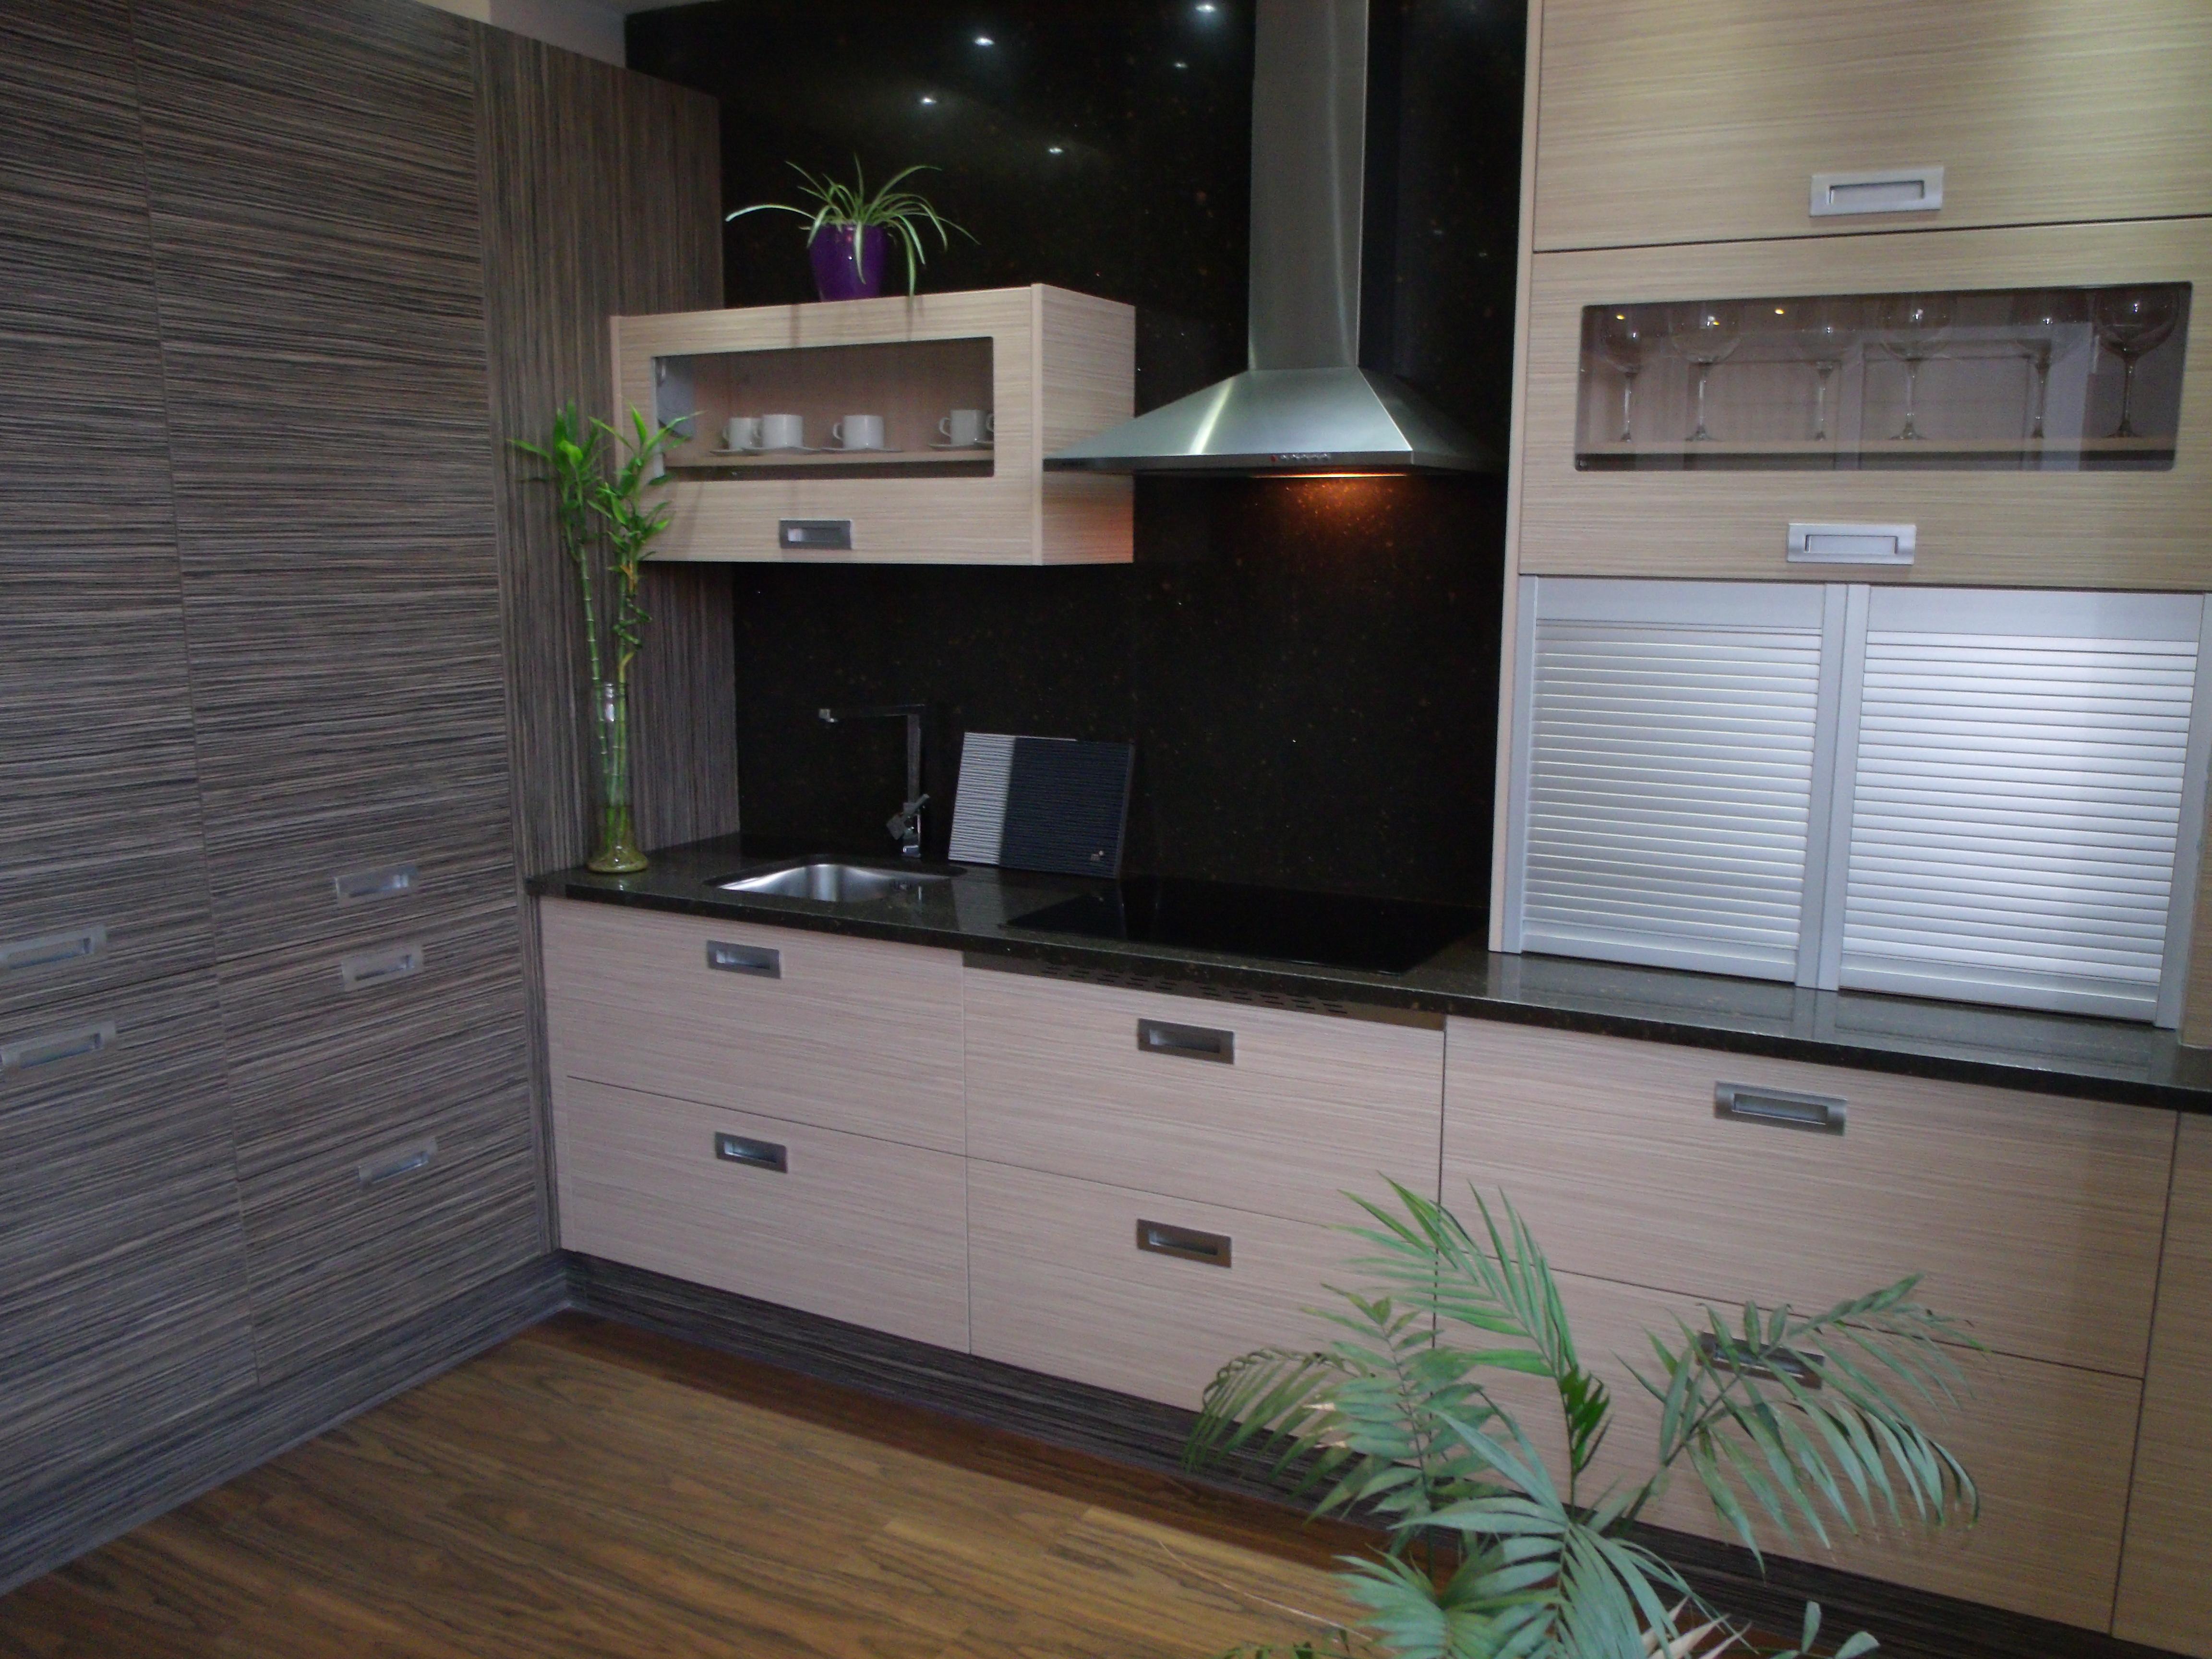 Cambiar puertas muebles cocina great cambiar color puertas muebles de cocina with cambiar - Cambiar cocina con vinilo ...